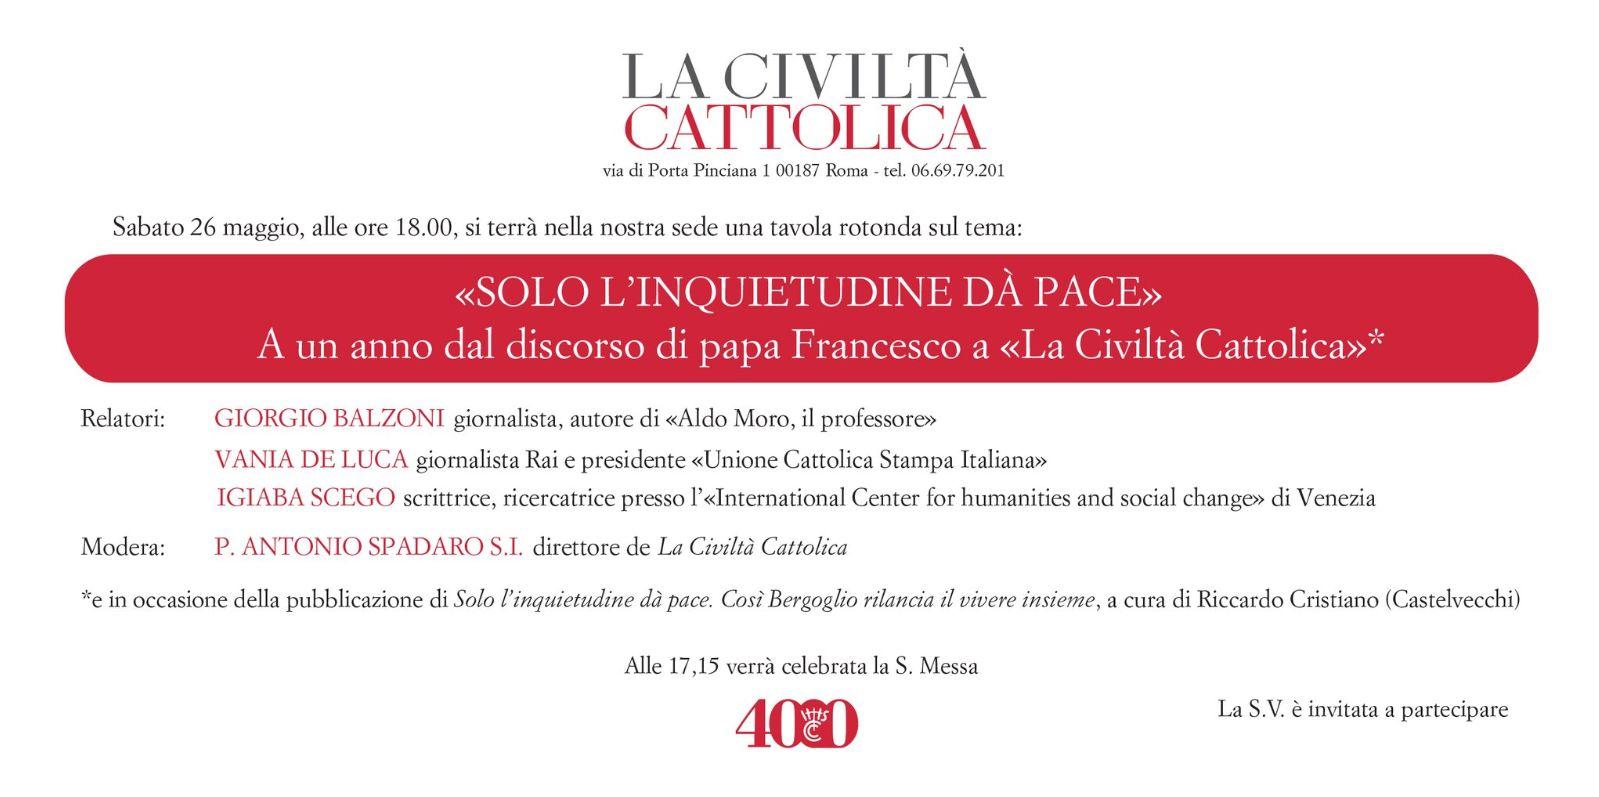 26 maggio_La Civiltà Cattolica (2)